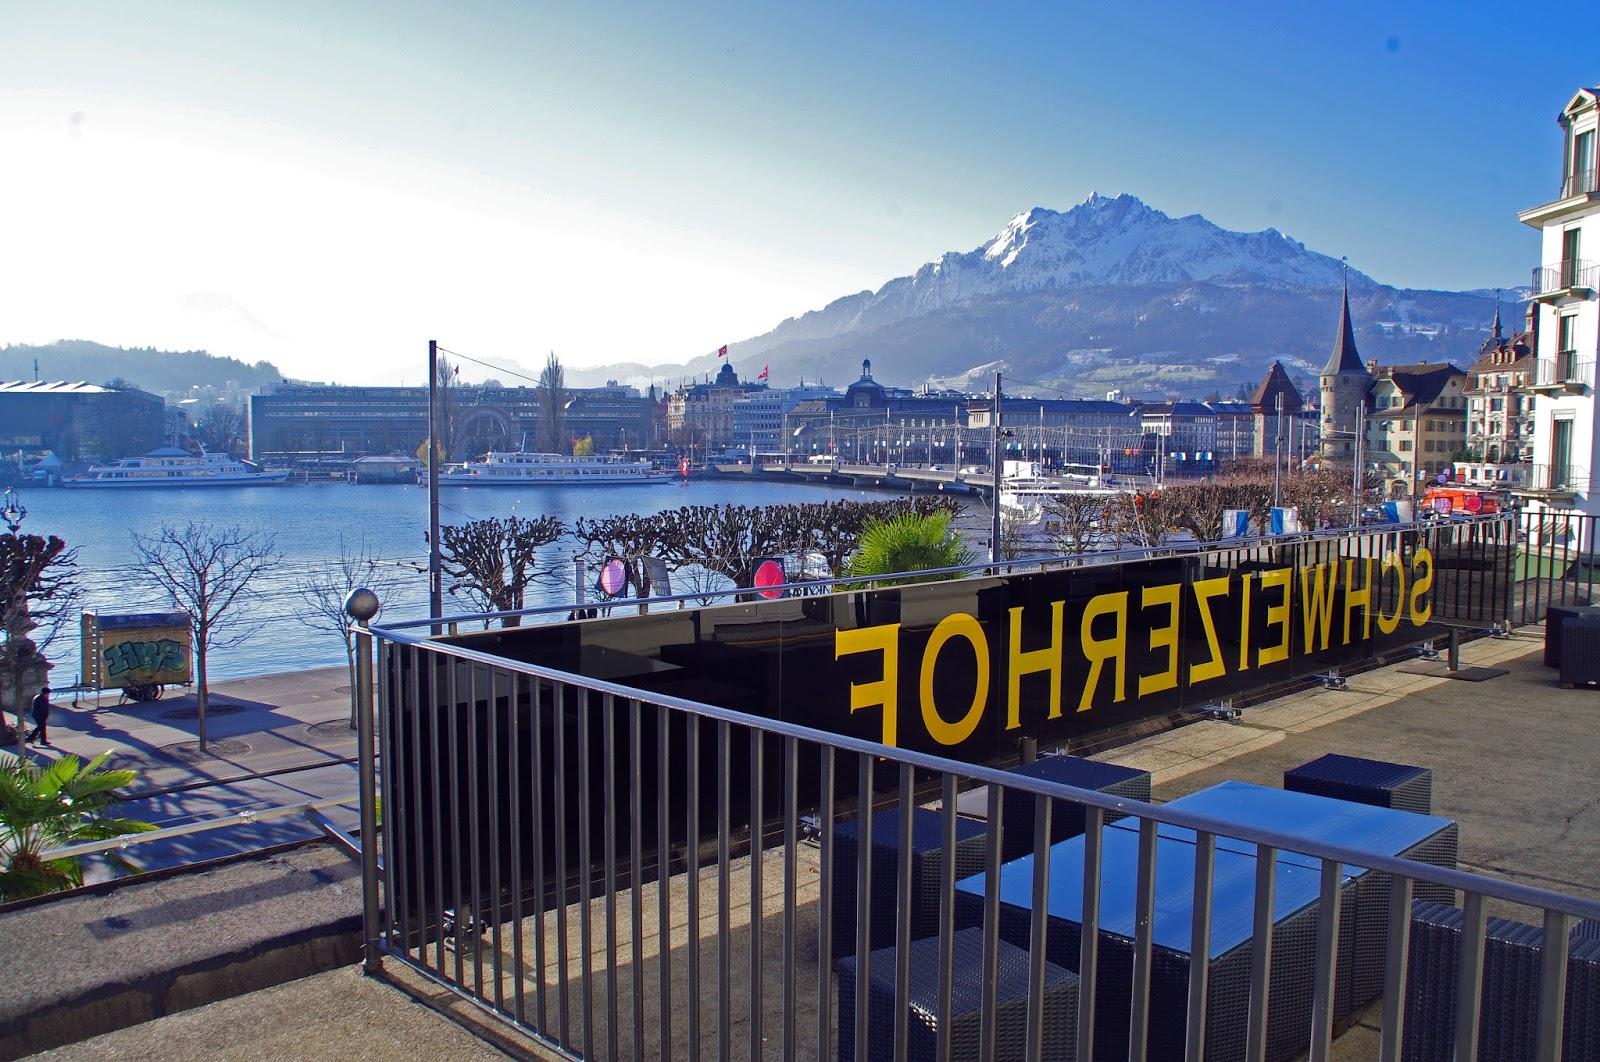 Hotel Schweizerhof Luzern Switzerland